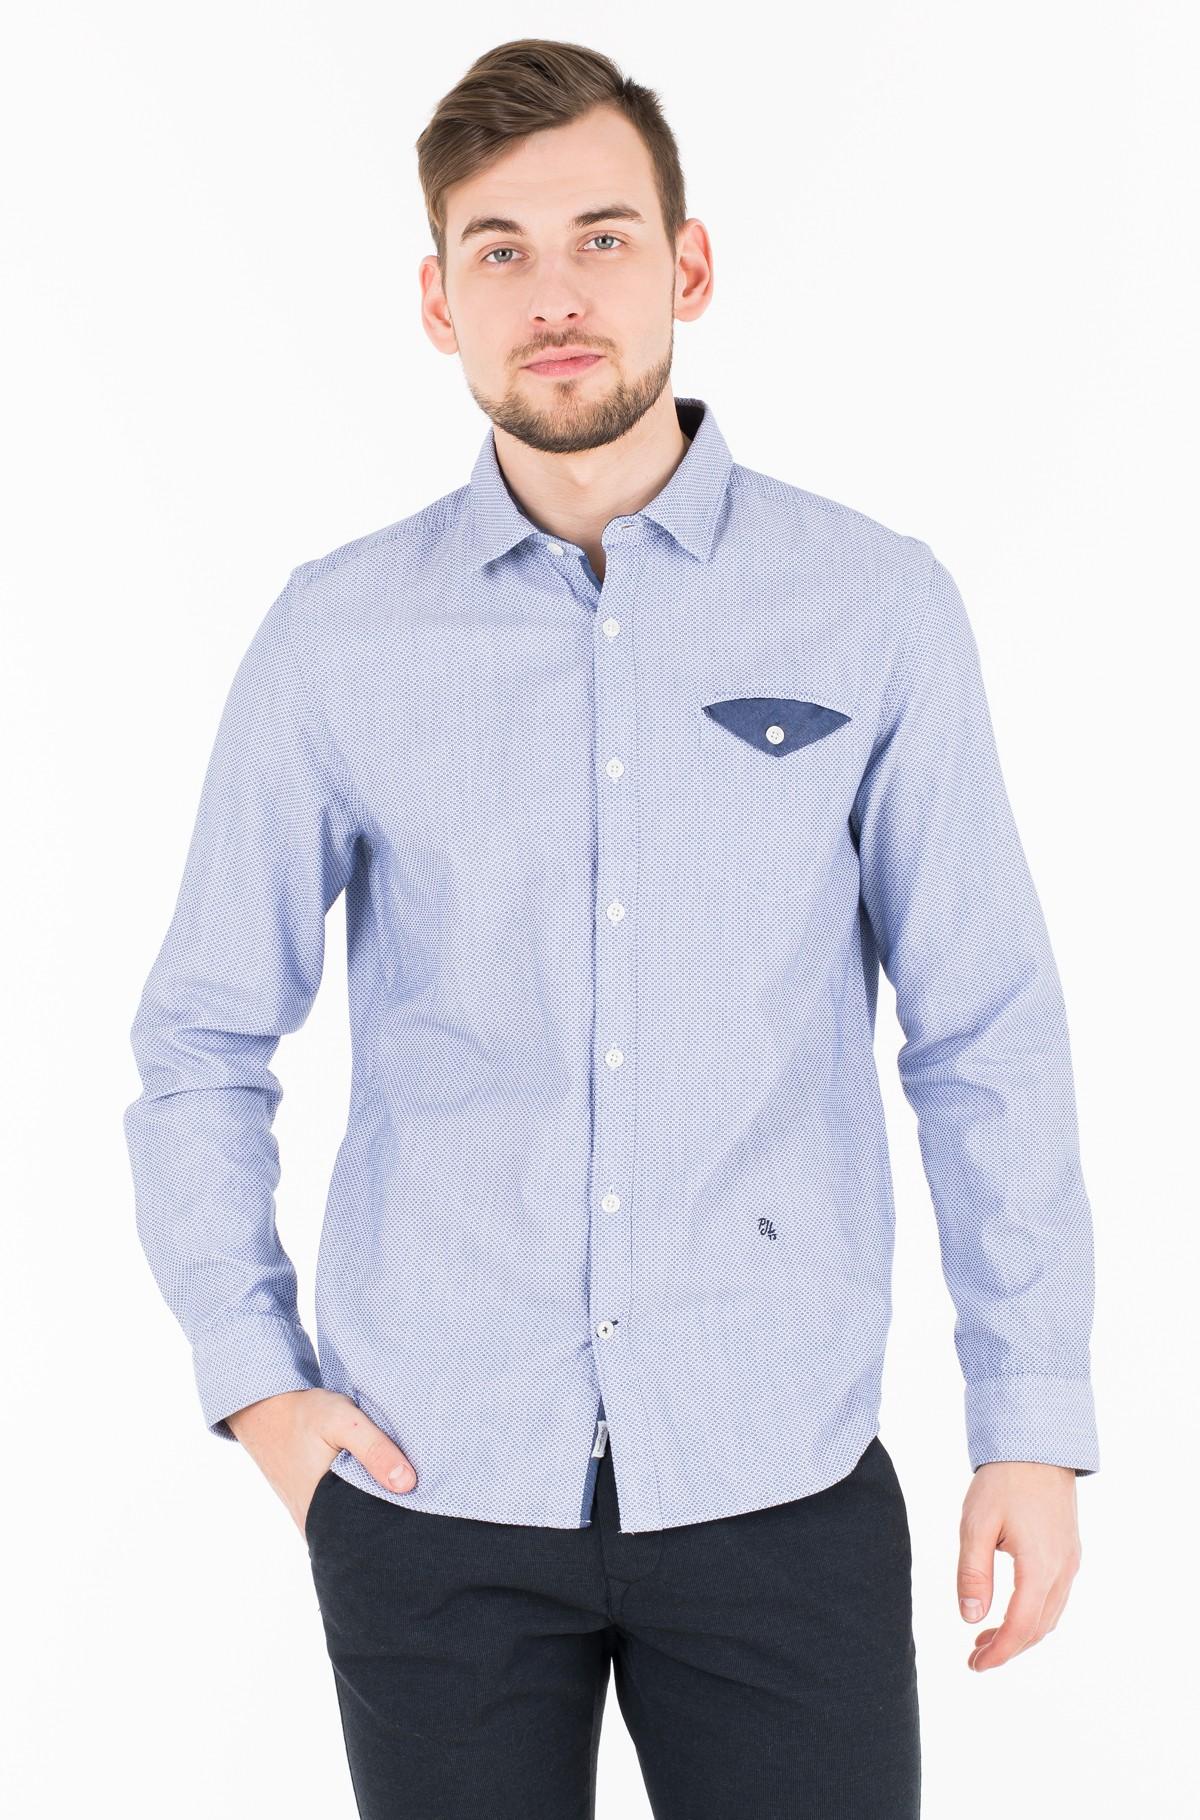 Marškiniai GARETT/PM305565-full-1